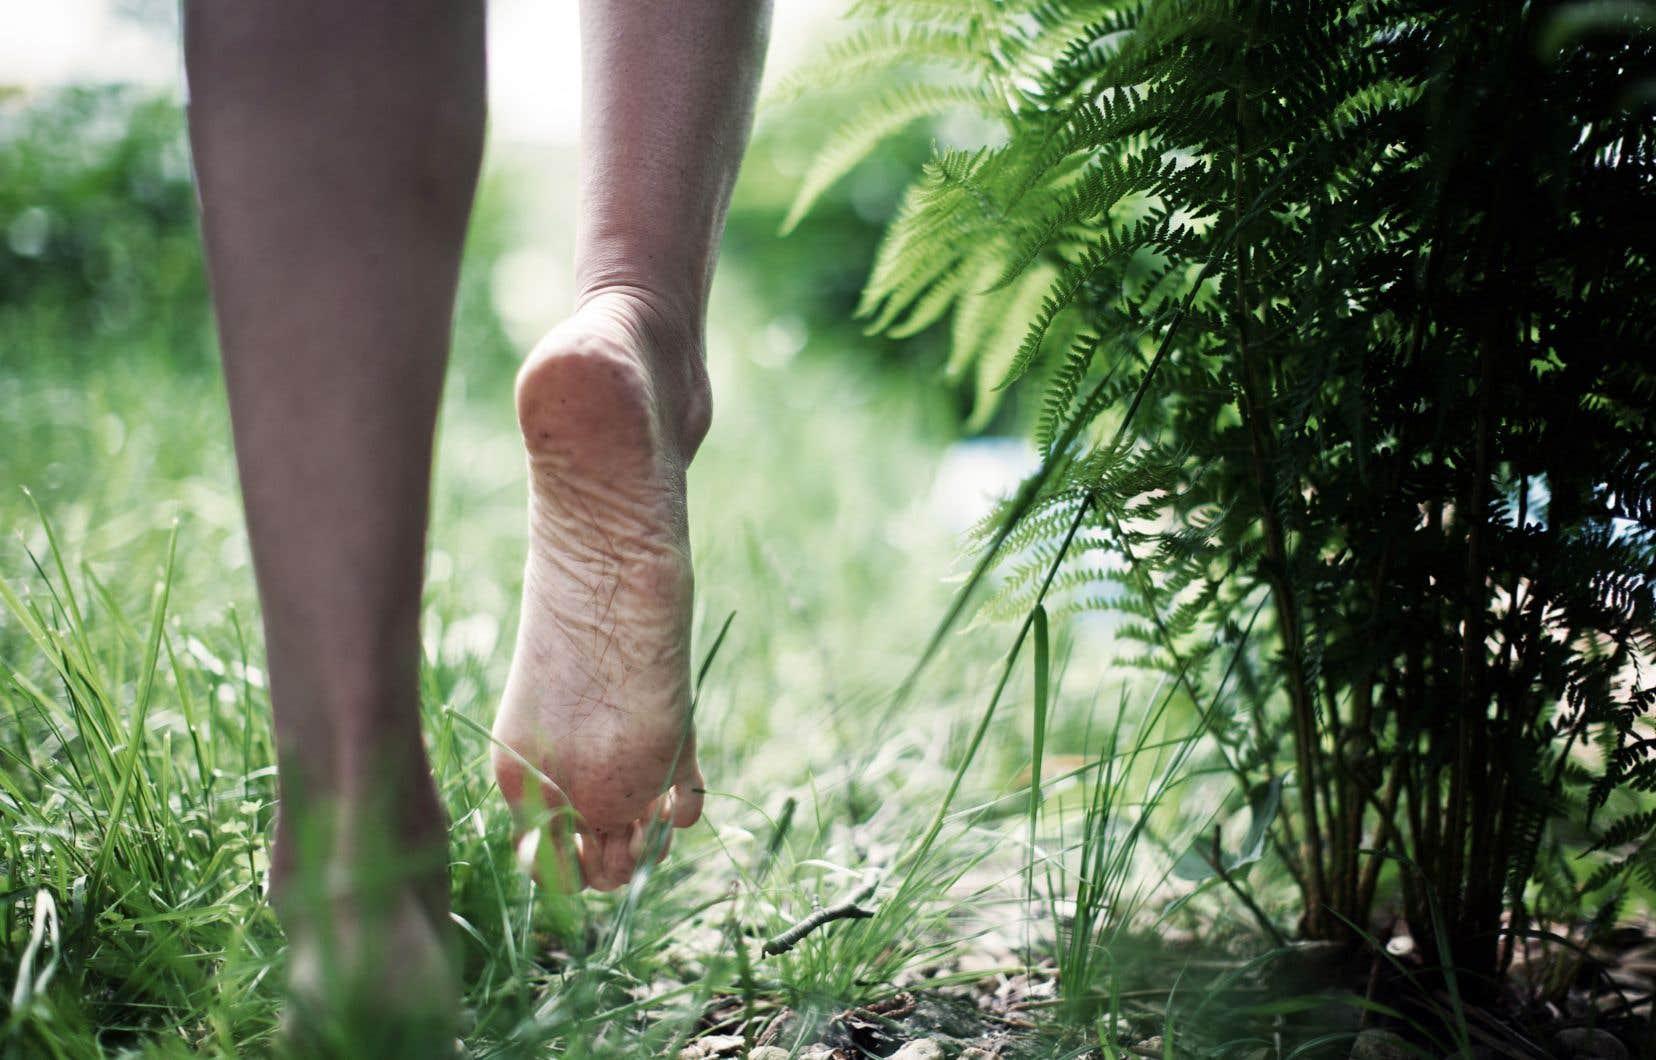 La pratique du «earthing» ou du «grounding», connue en français sous les noms d'«enracinement» ou d'«ancrage», consiste essentiellement à marcher pieds nus afin de bénéficier des courants électriques parcourant la surface du globe.